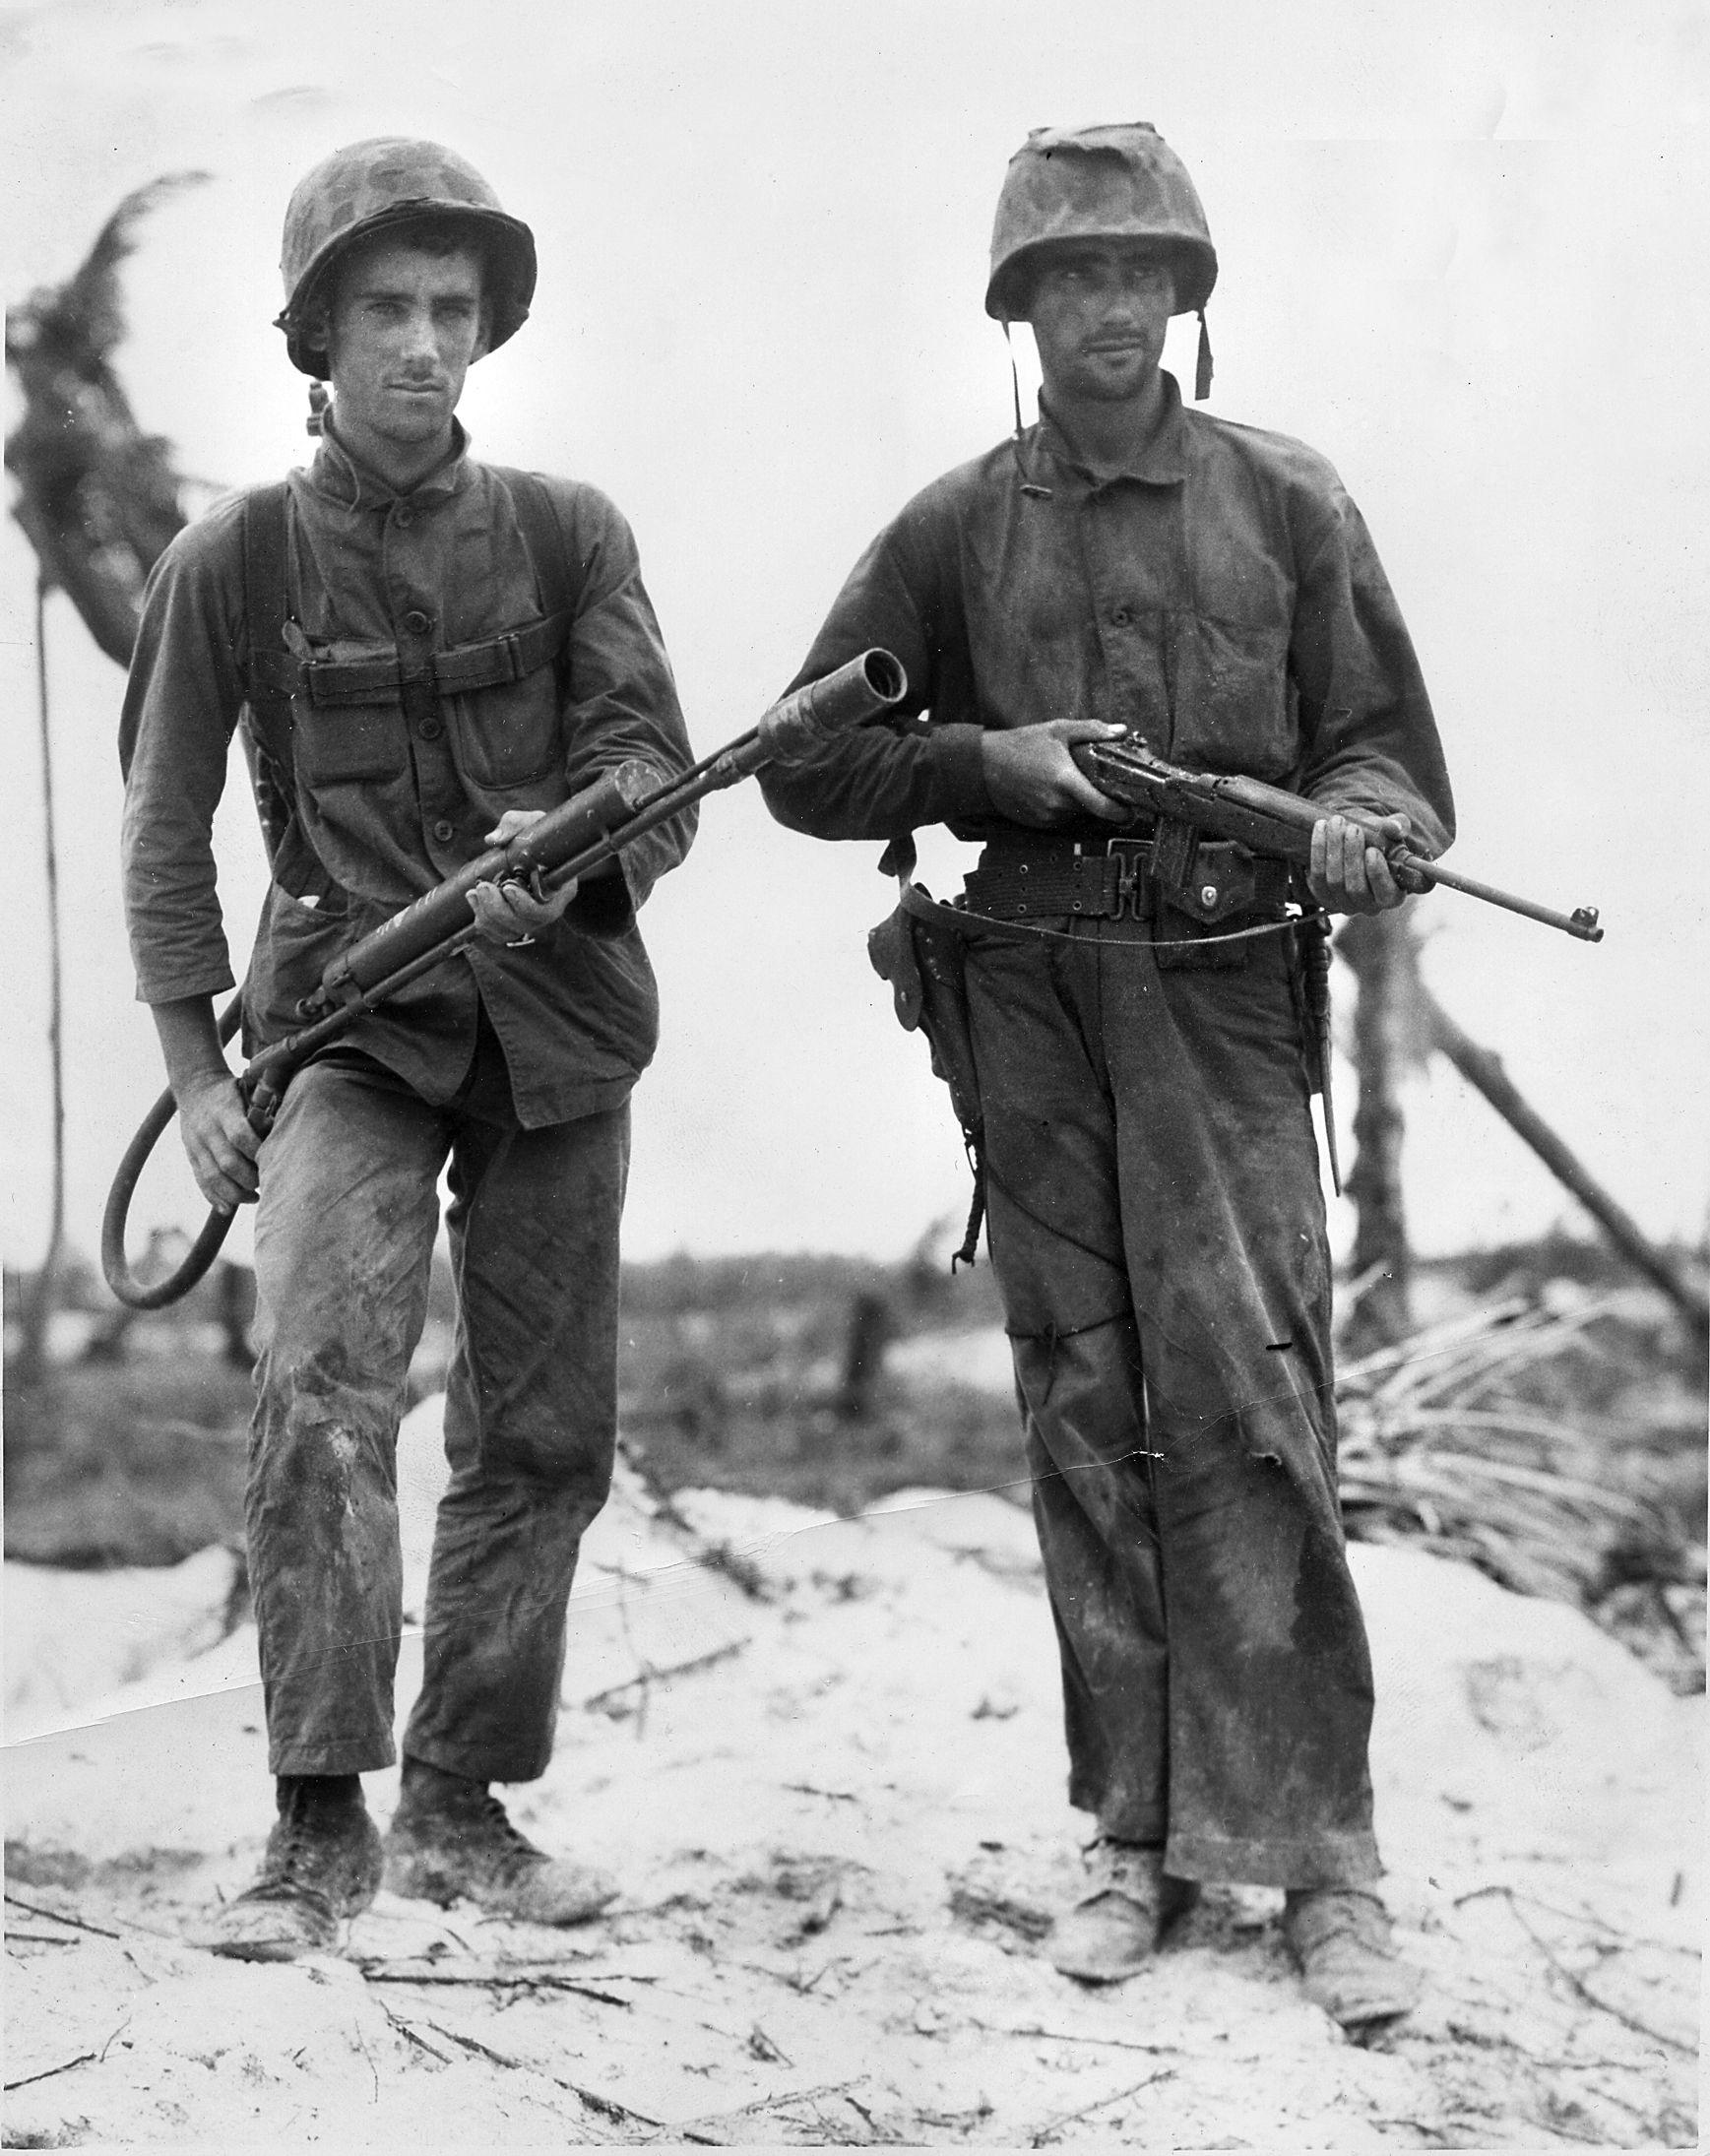 mc war story 1 - Les Marines Stanley A. Parks (gauche) et Randolph Peters posent avec un lance-flammes M1A1 à Peleliu en 1944